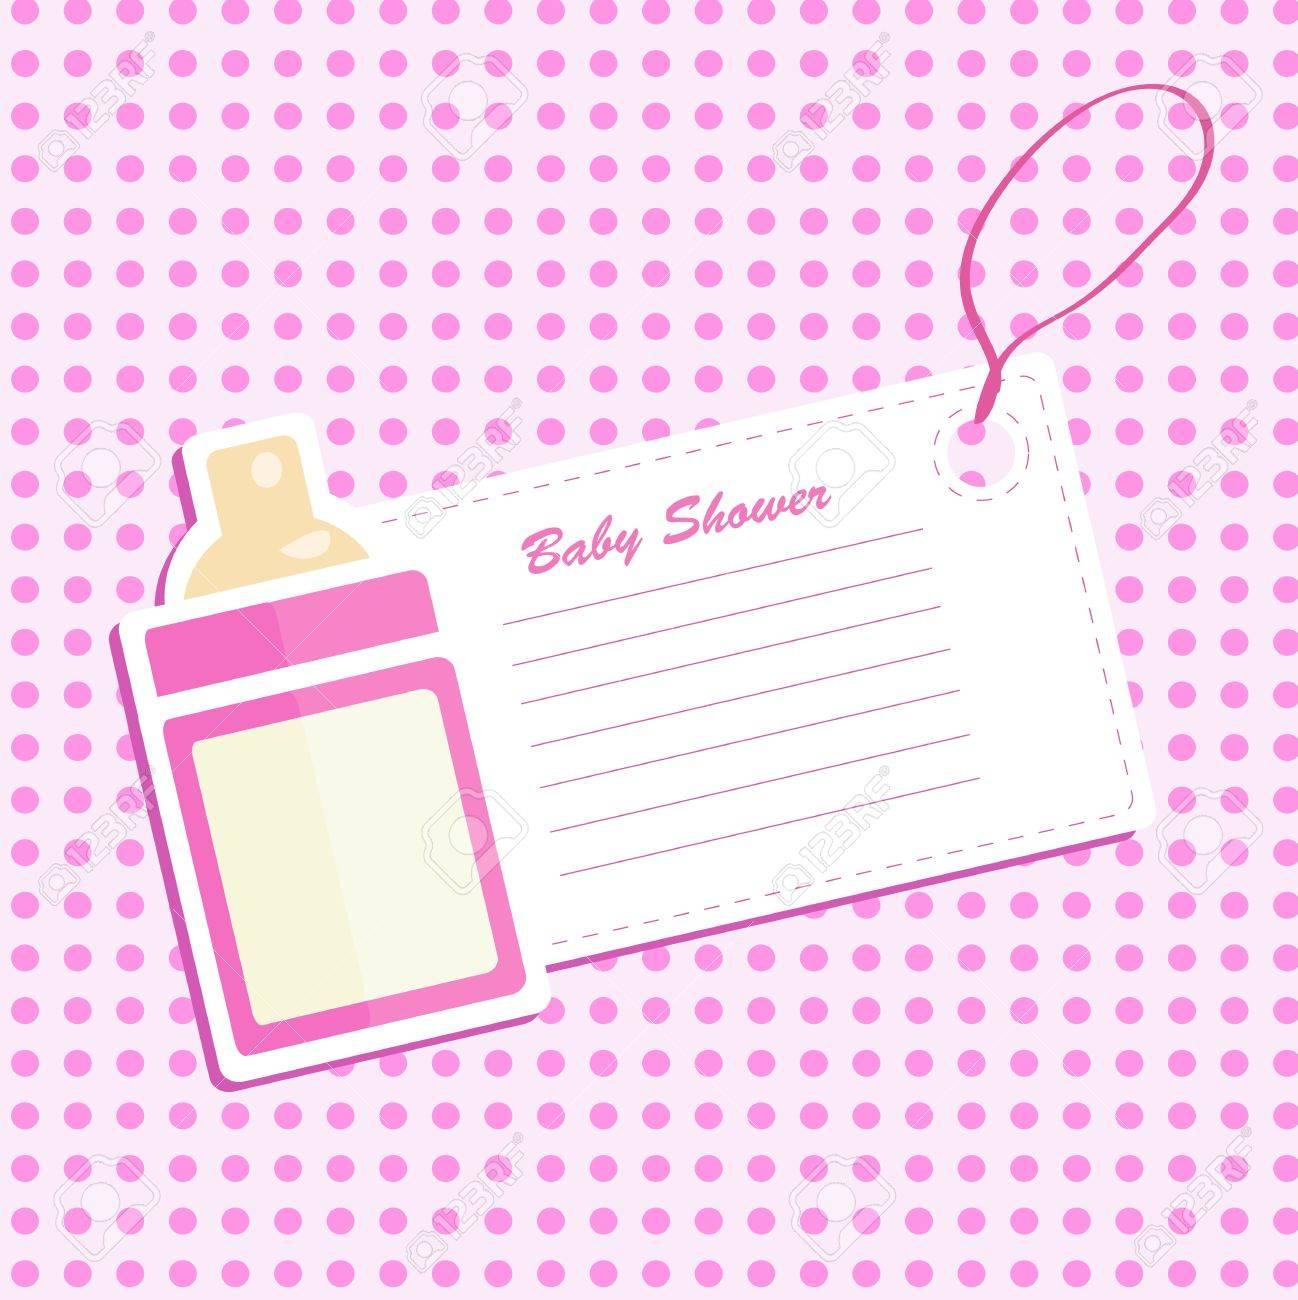 Baby bottle shower. Invitation card . Stock Vector - 12450341